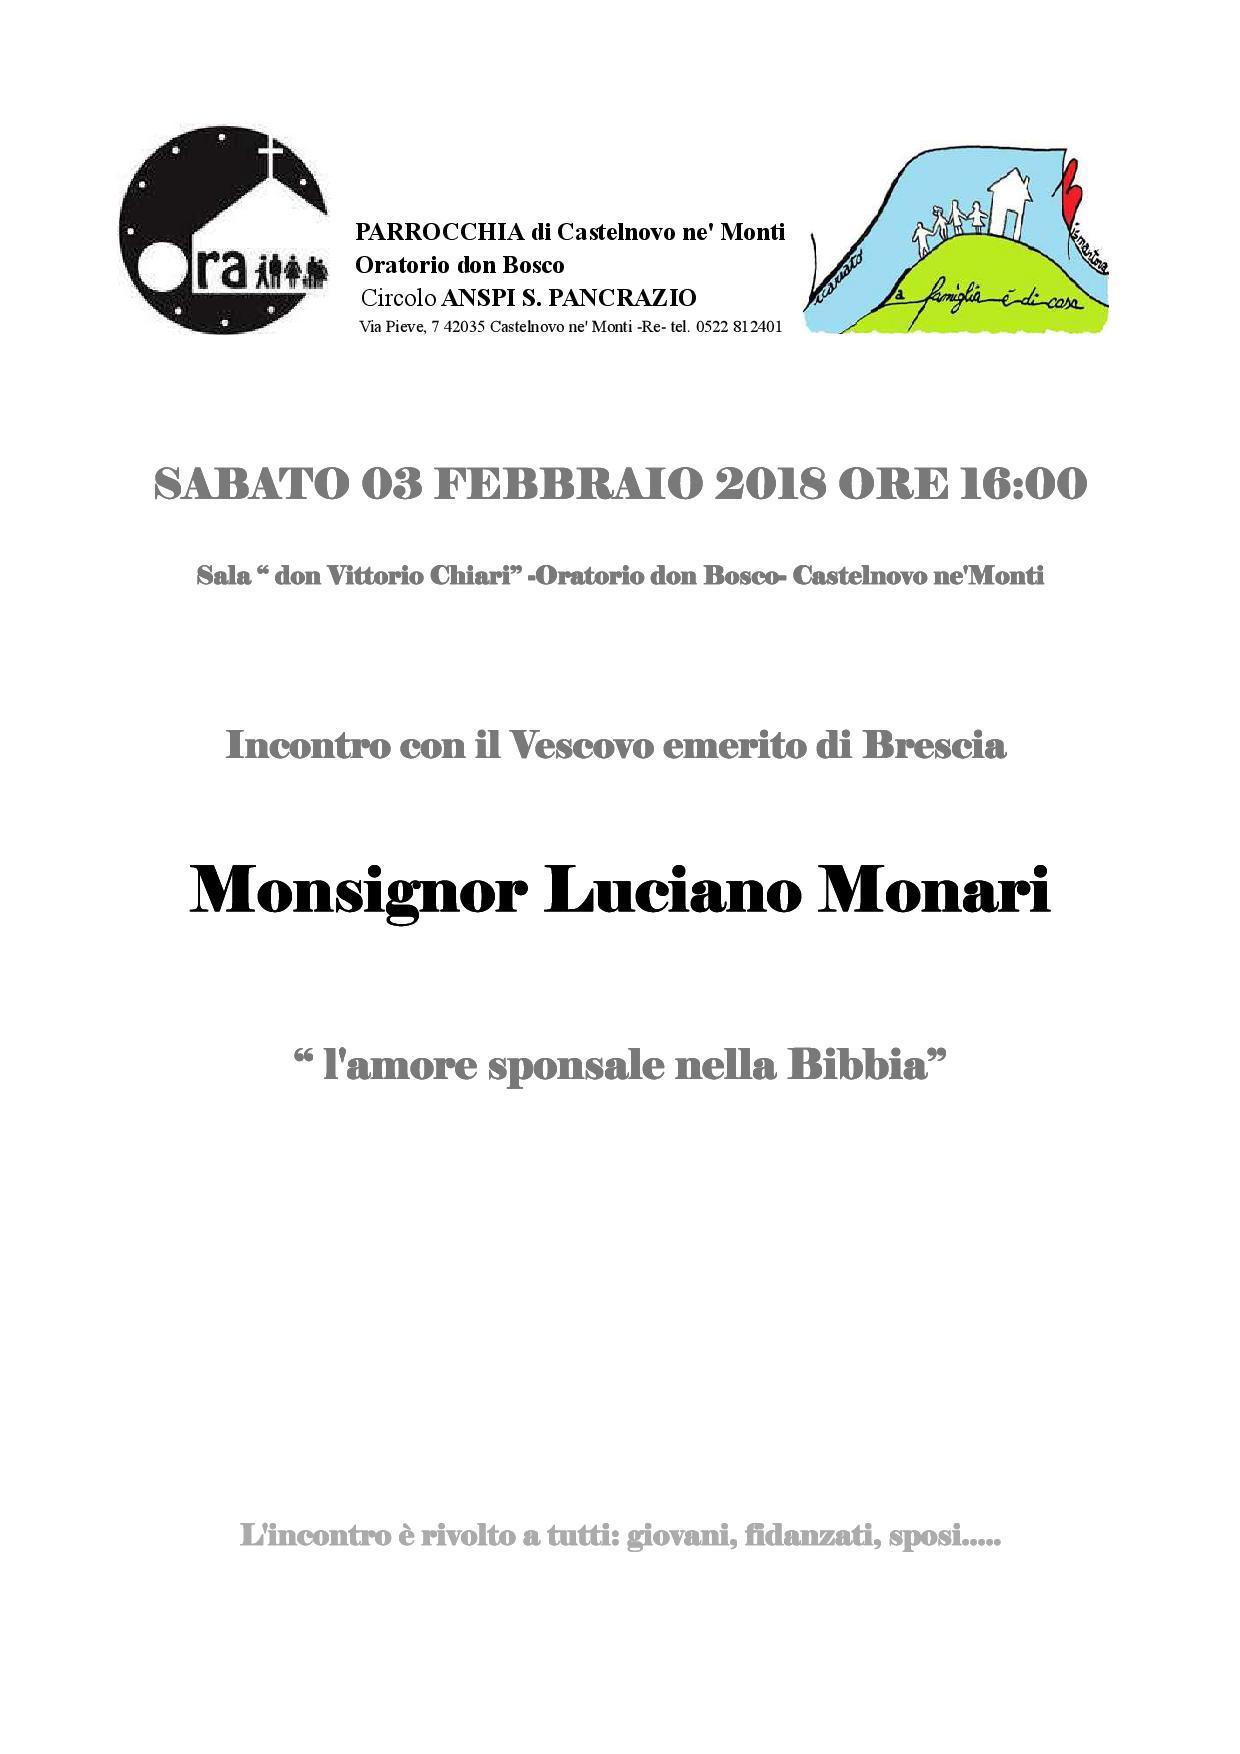 INCONTRO CON MONS. LUCIANO MONARI 3 febbraio 2018 (RIMANDATO CAUSA NEVE!)